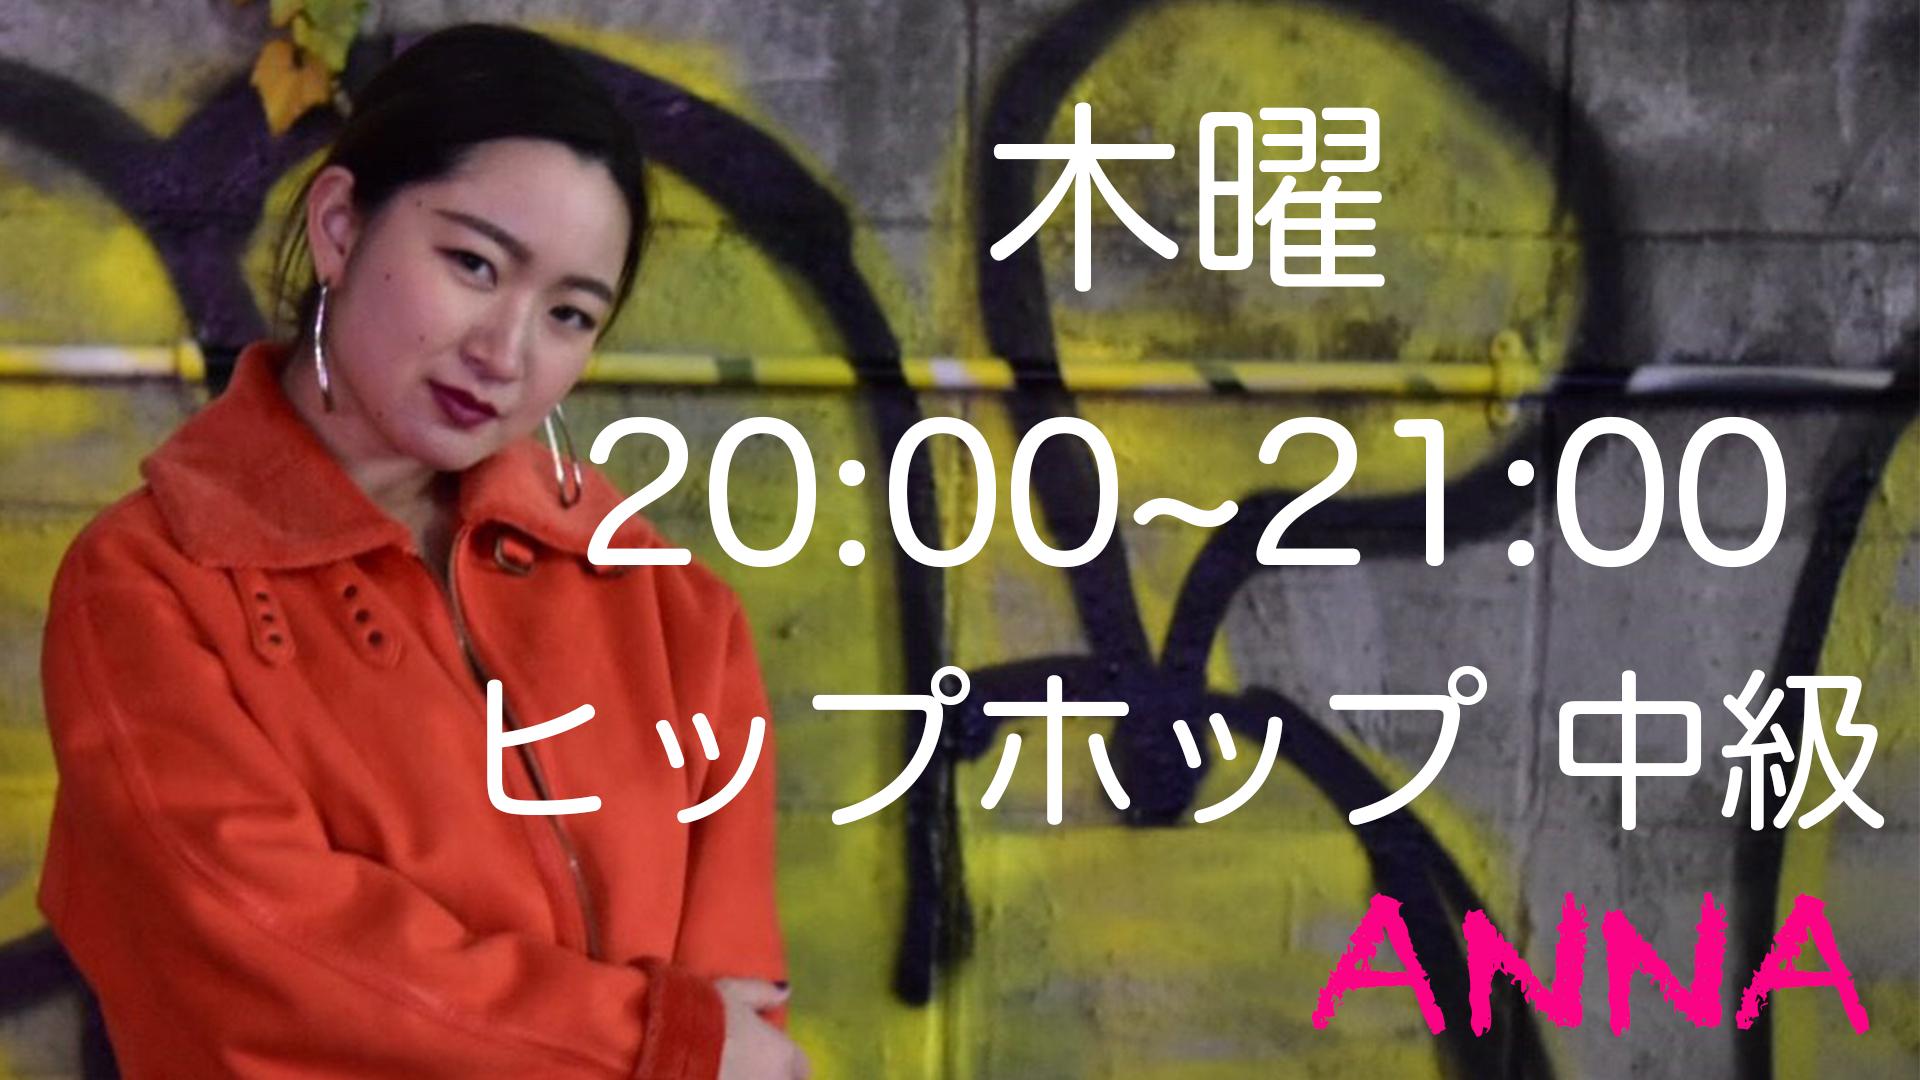 福岡でダンスをしている方必見!確実にレベルアップできるクラスをご紹介!